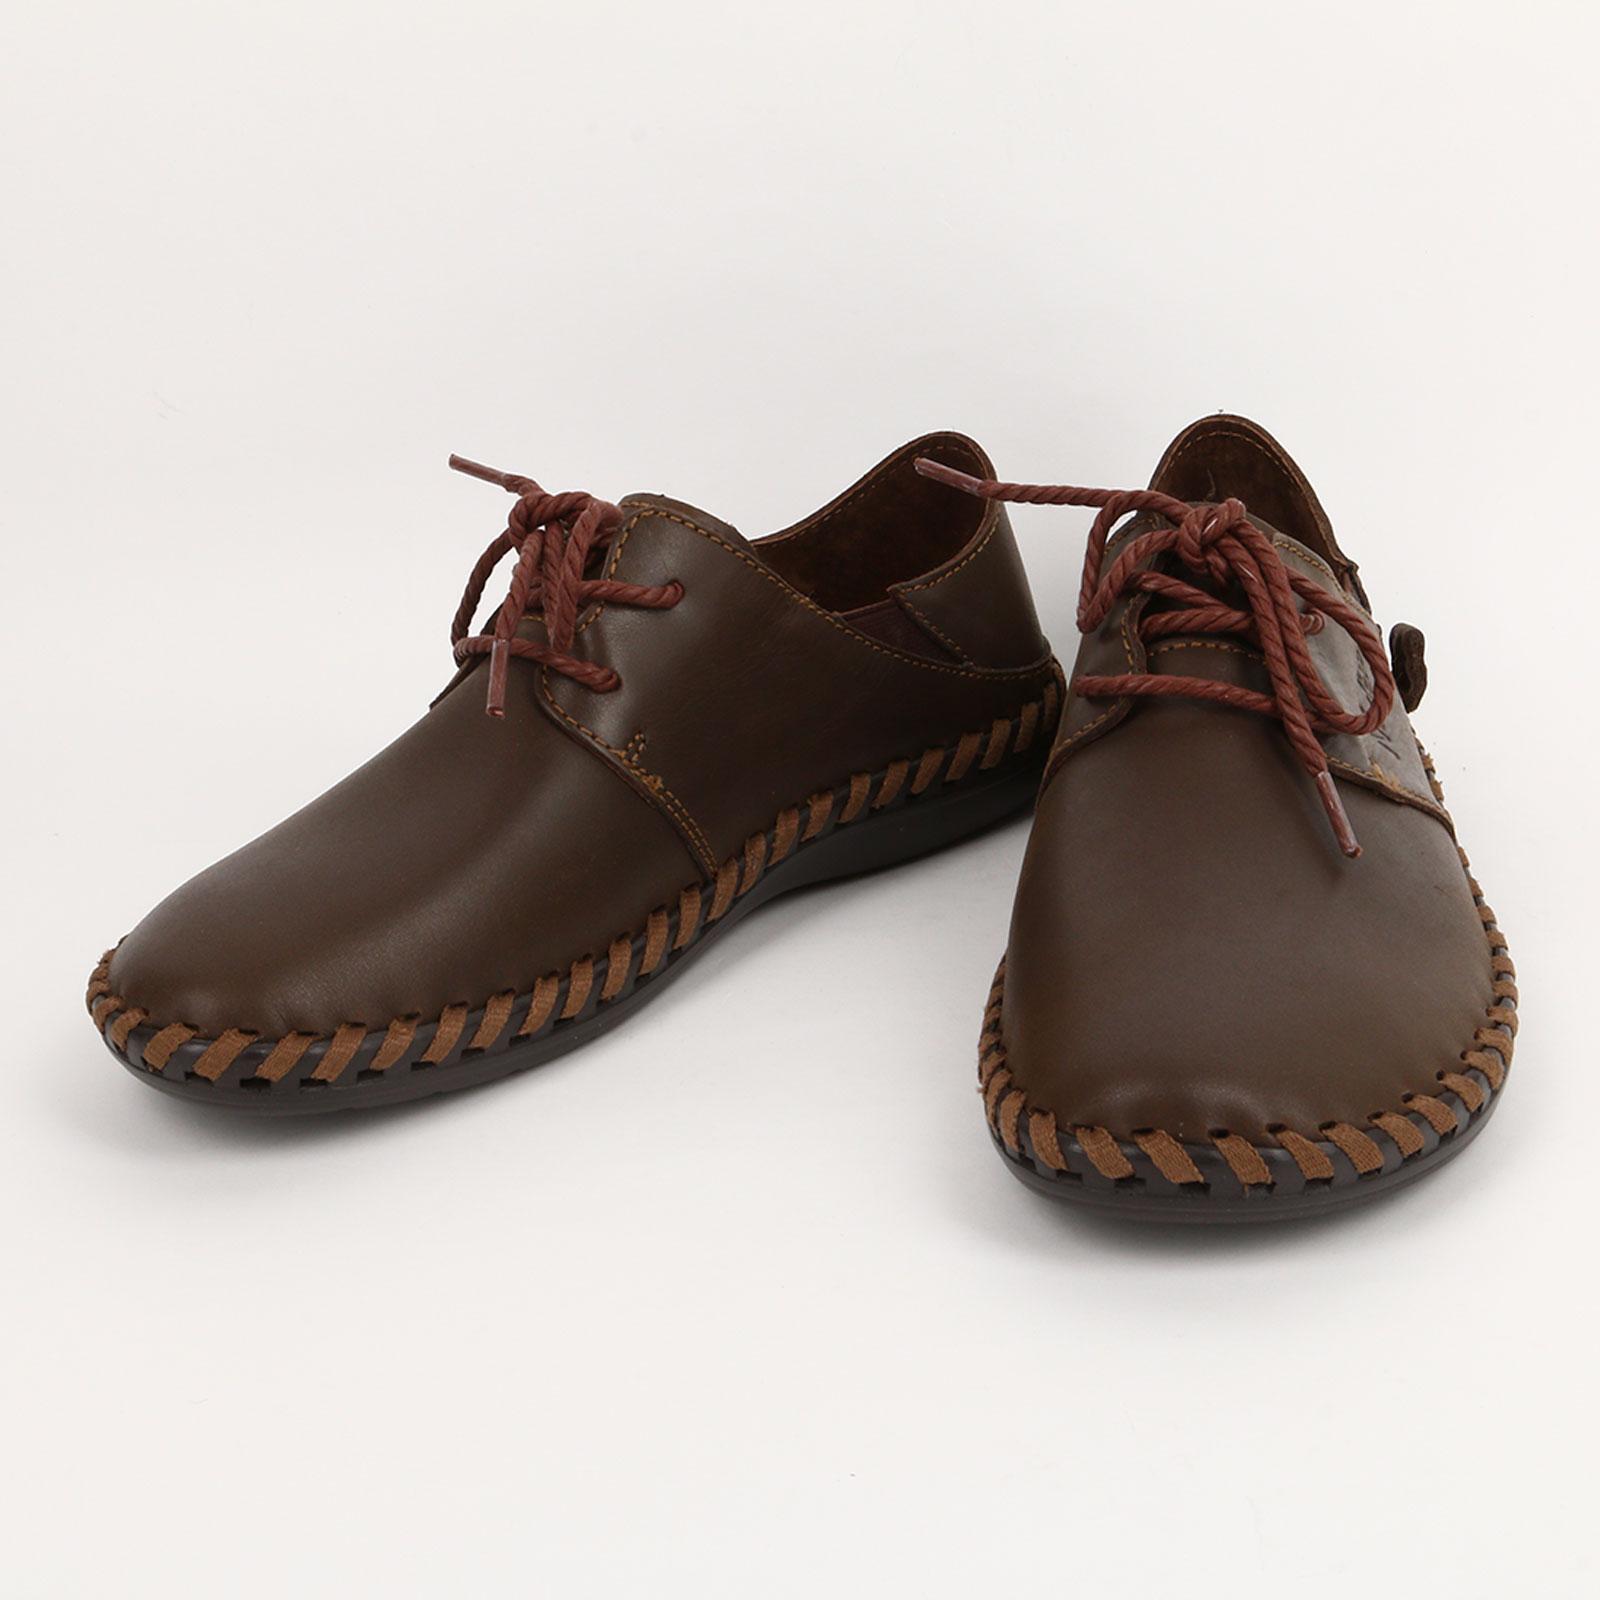 Полуботинки на шнурках с декоротивной сточкой